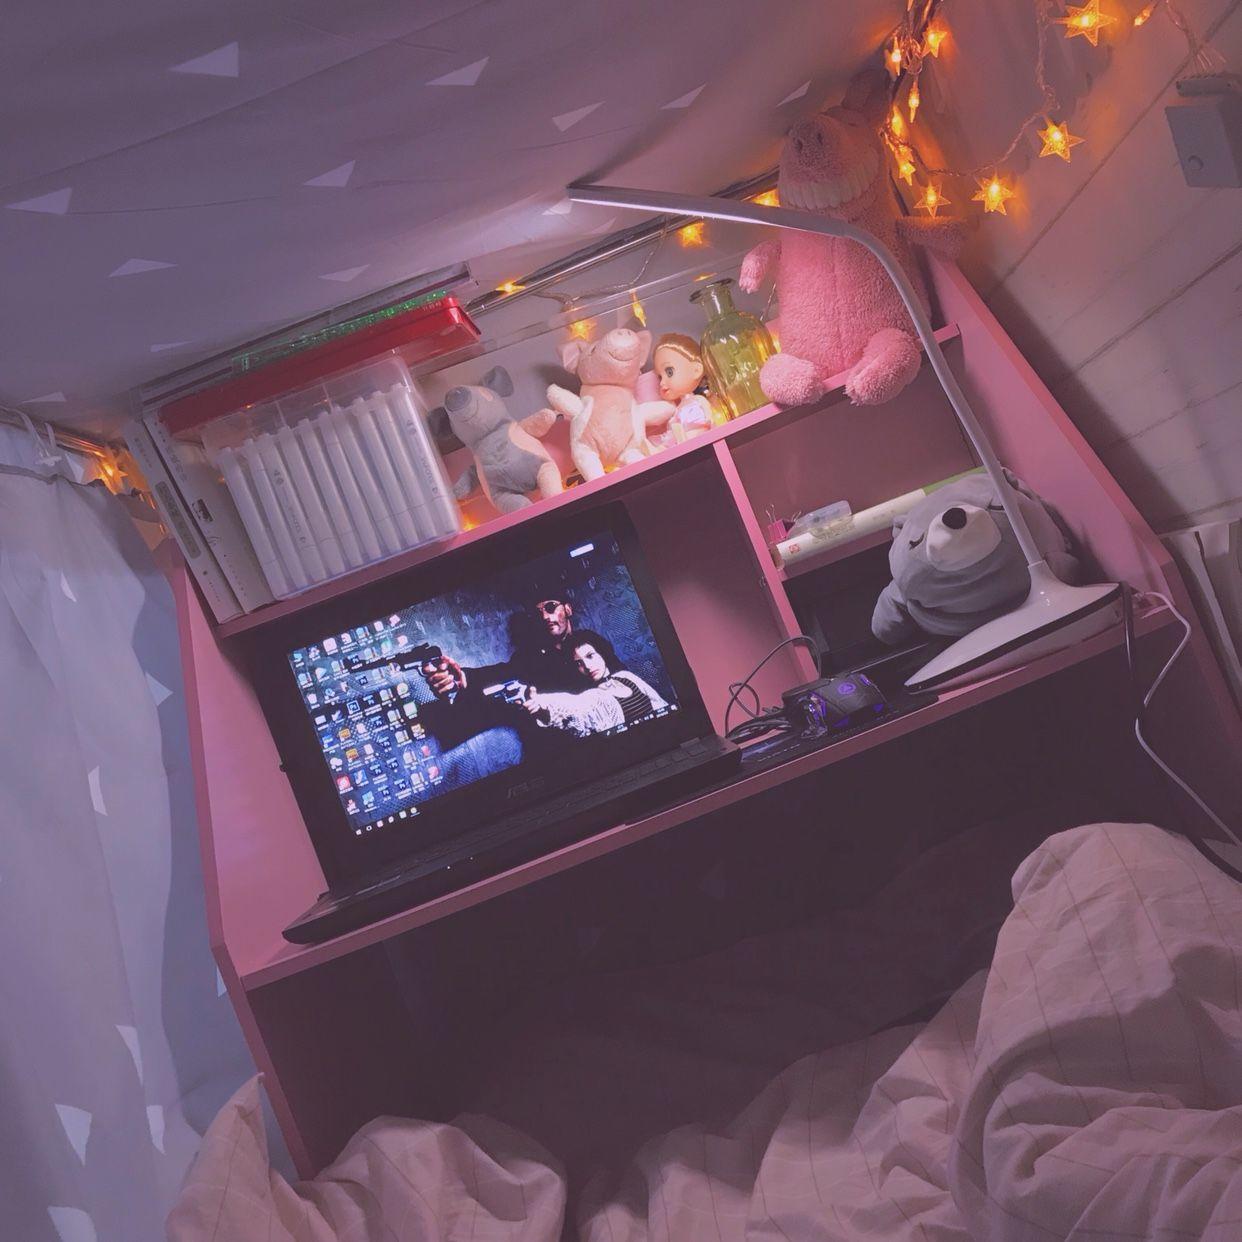 宿舍神器床上书桌宿舍学生上铺下铺笔记本电脑寝室简易学习小桌子